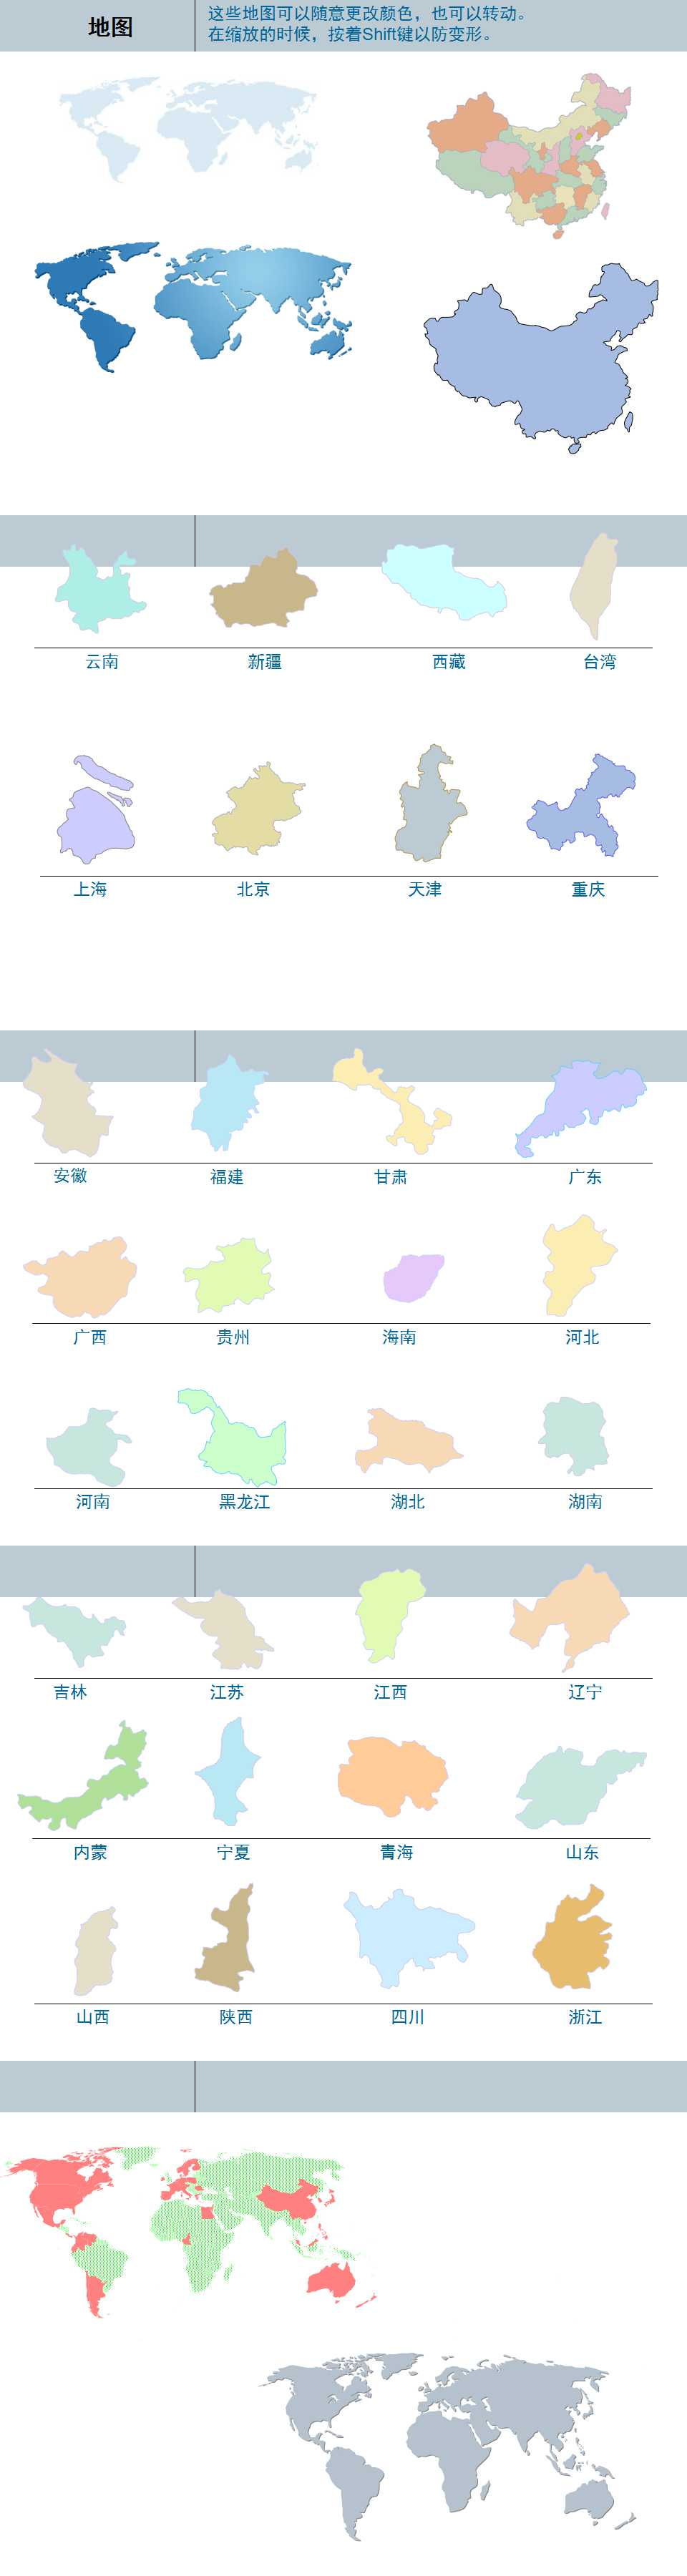 作品标题:中国地图矢量素材